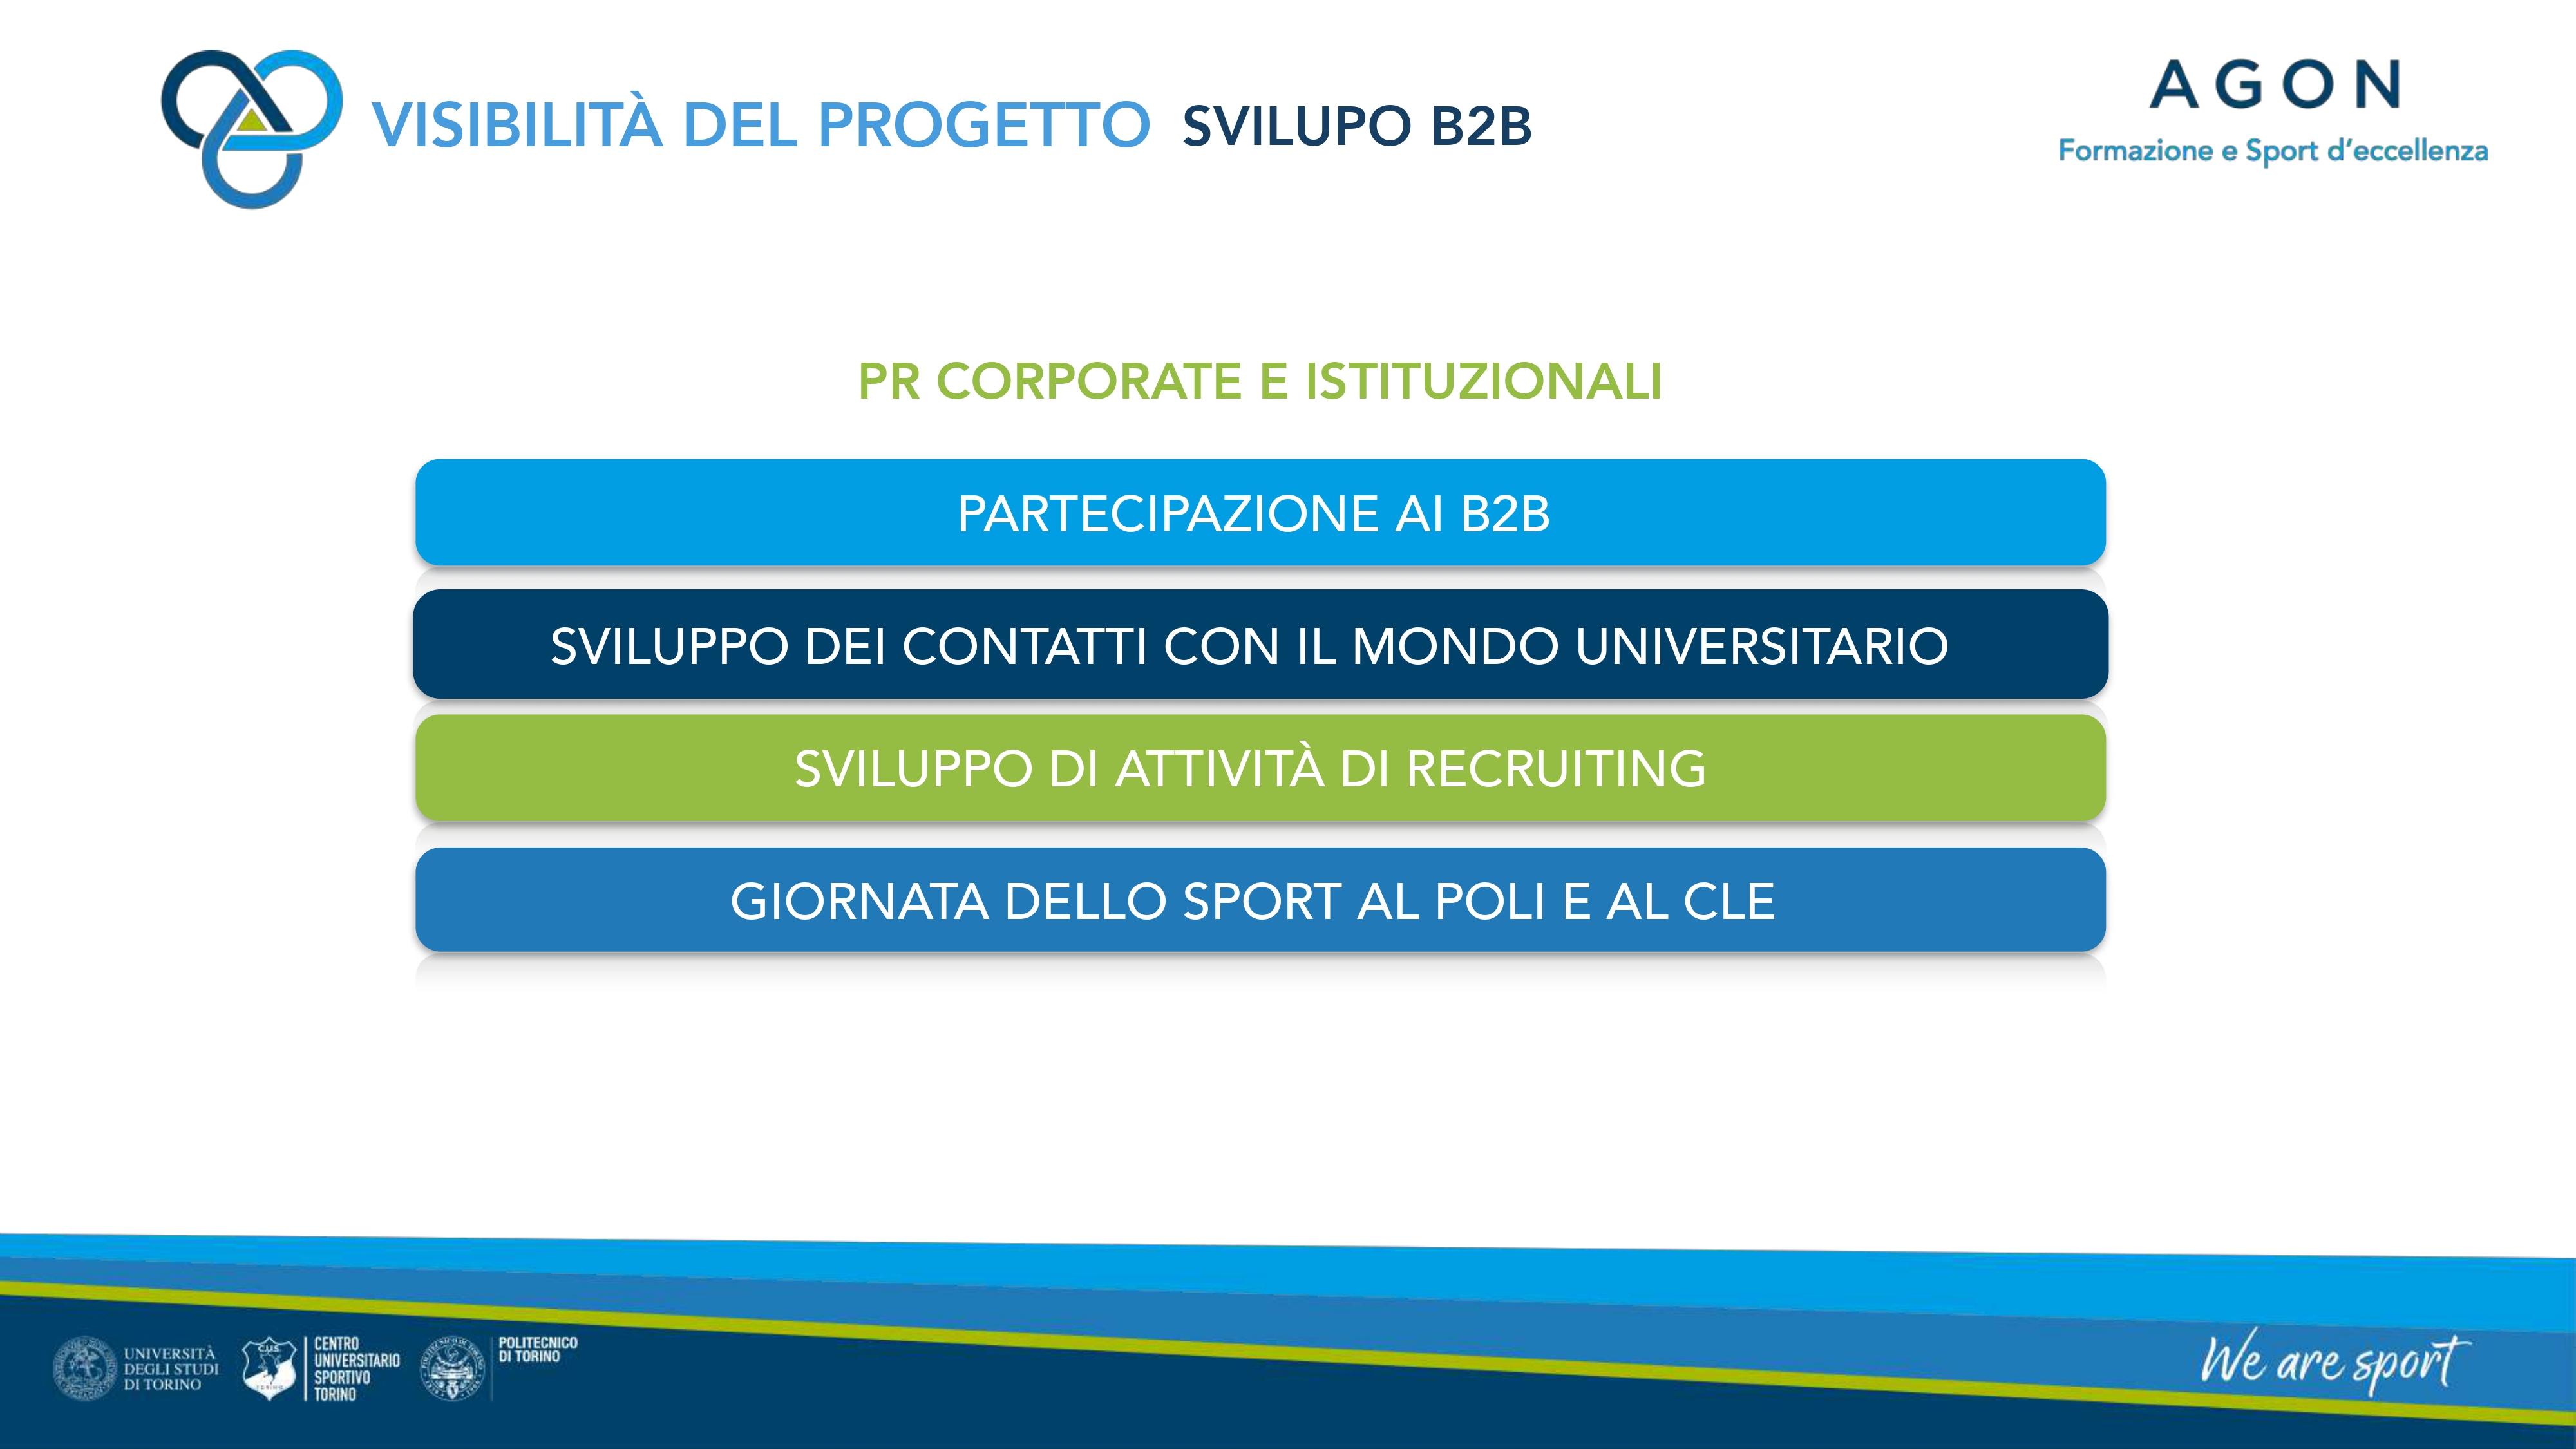 PRESENTAZIONE PROGETTO AGON - PAGINA 15 - FILE JPG